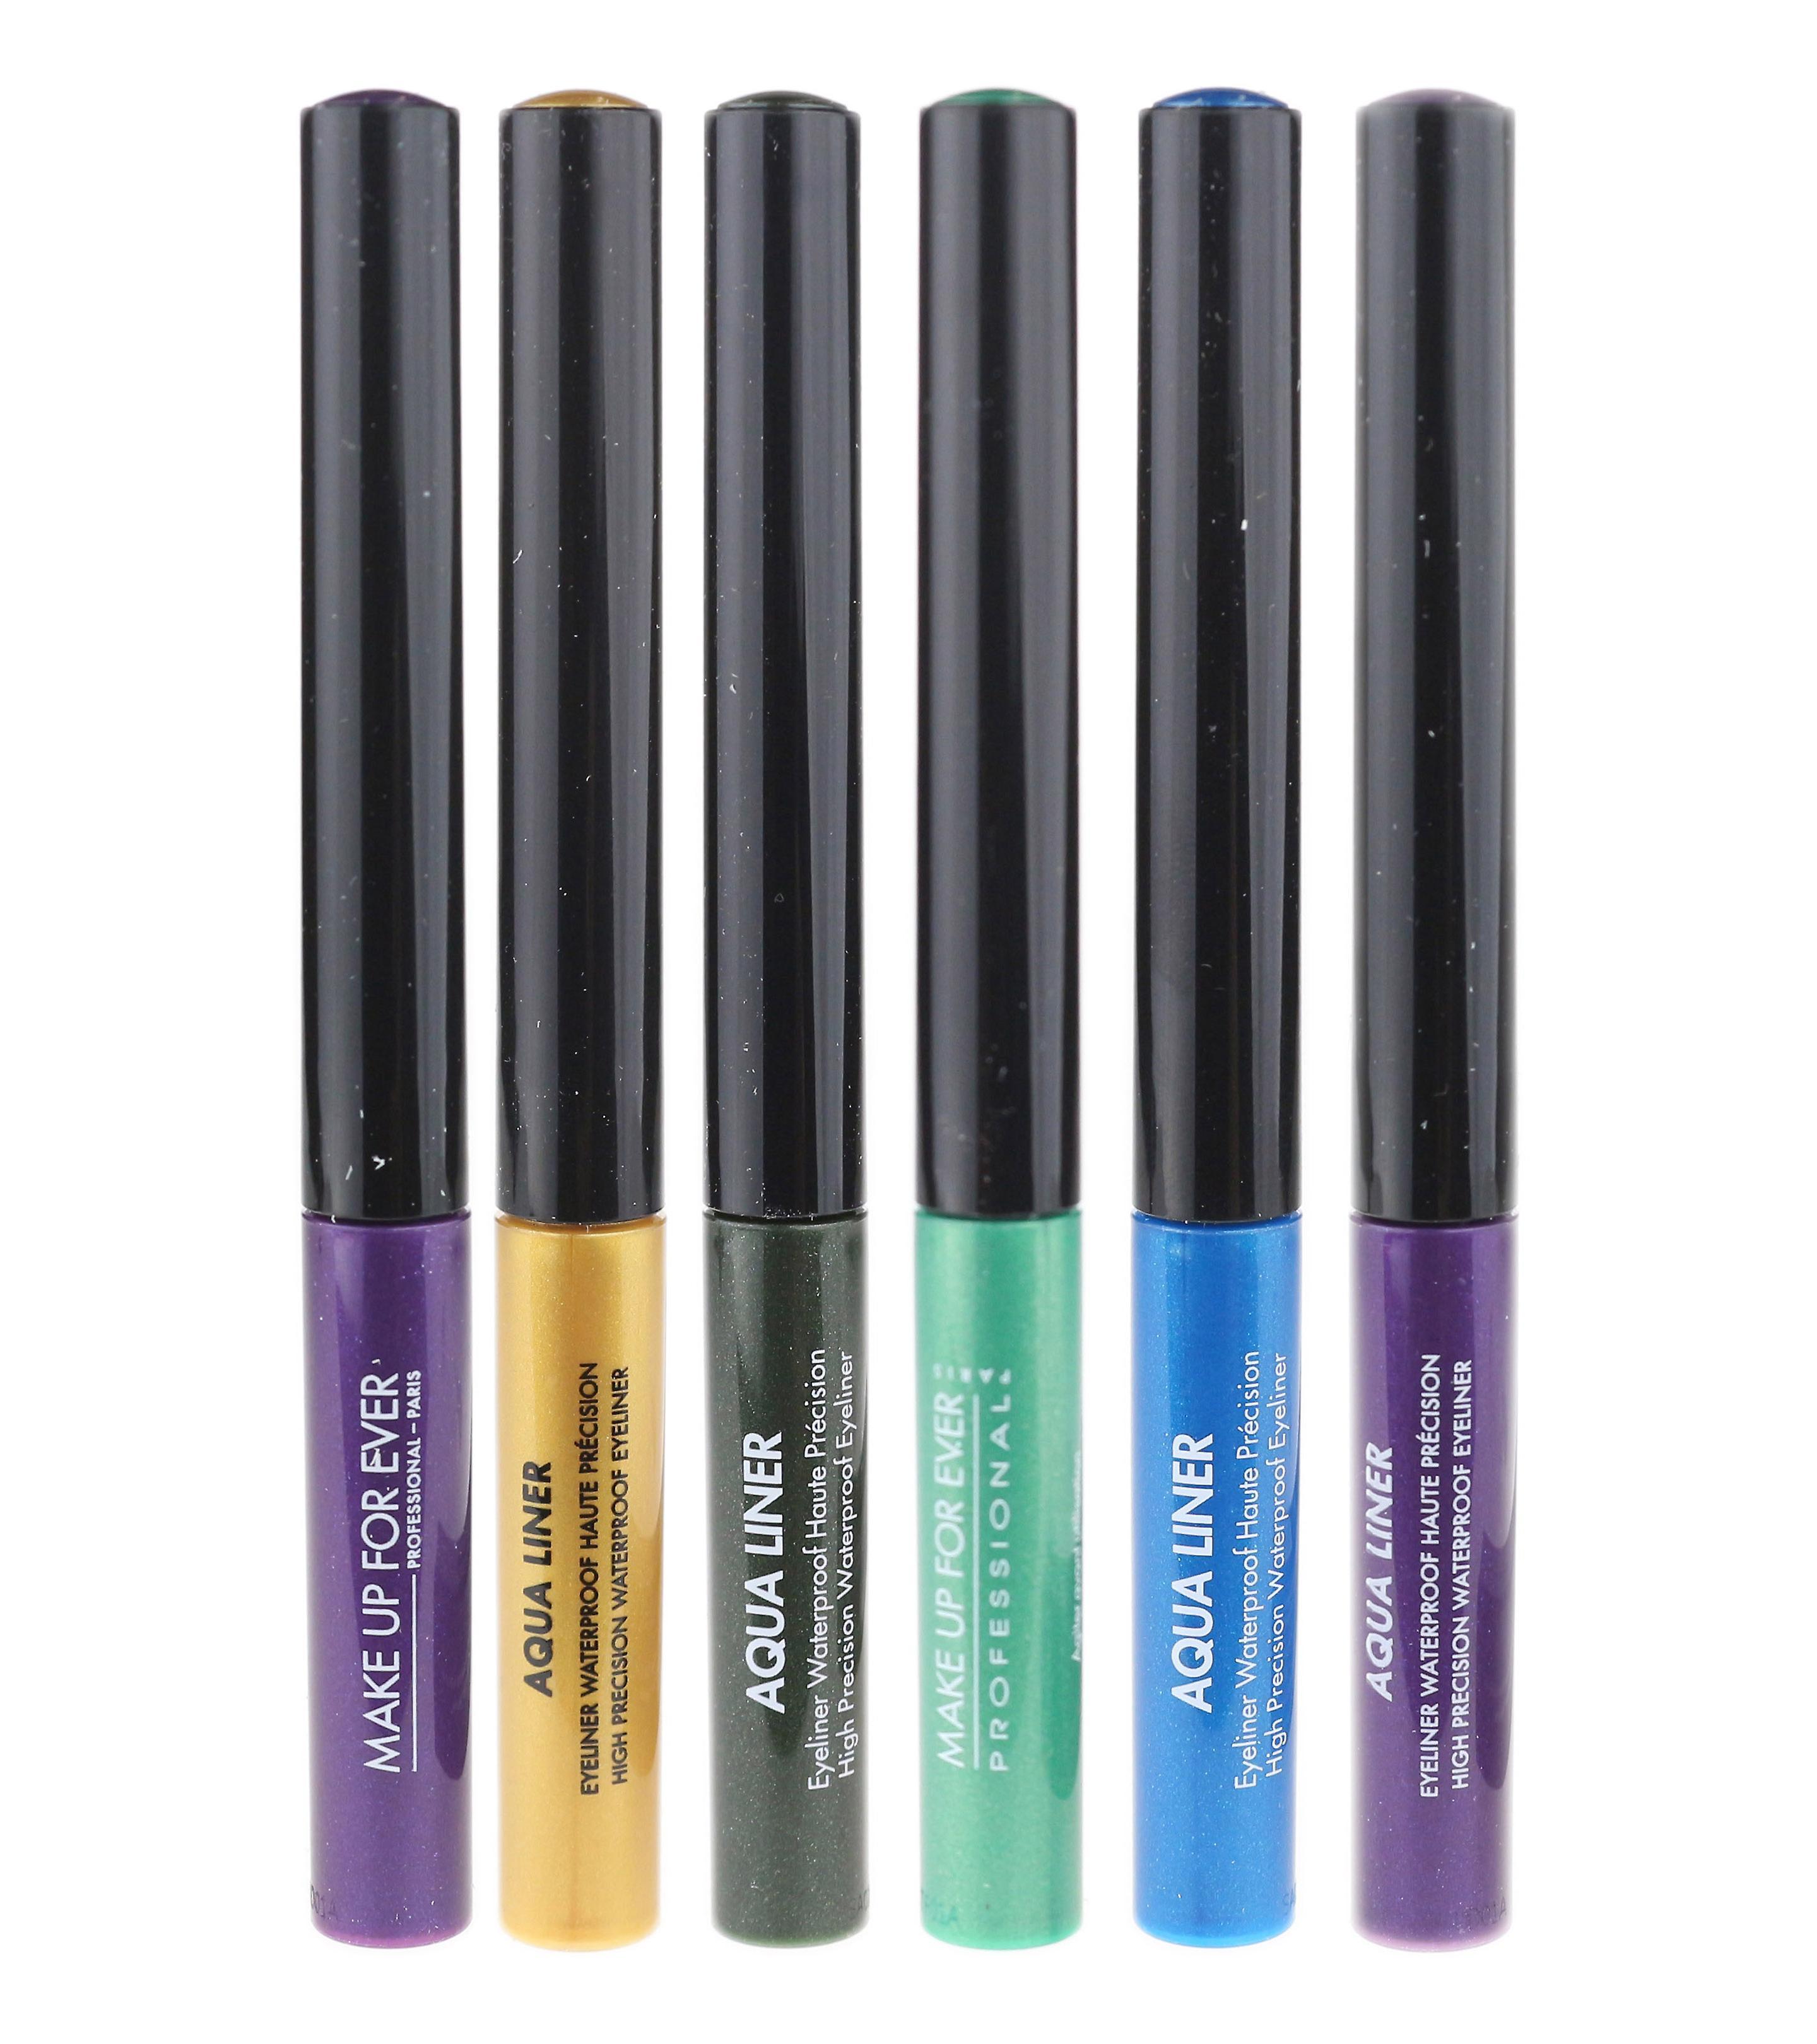 Aqua Nouveau Maquillage De Eyeliner Boîte Liner Réception Waterproof 1 7 Forever Ml Haute Précision 8kwnX0OP